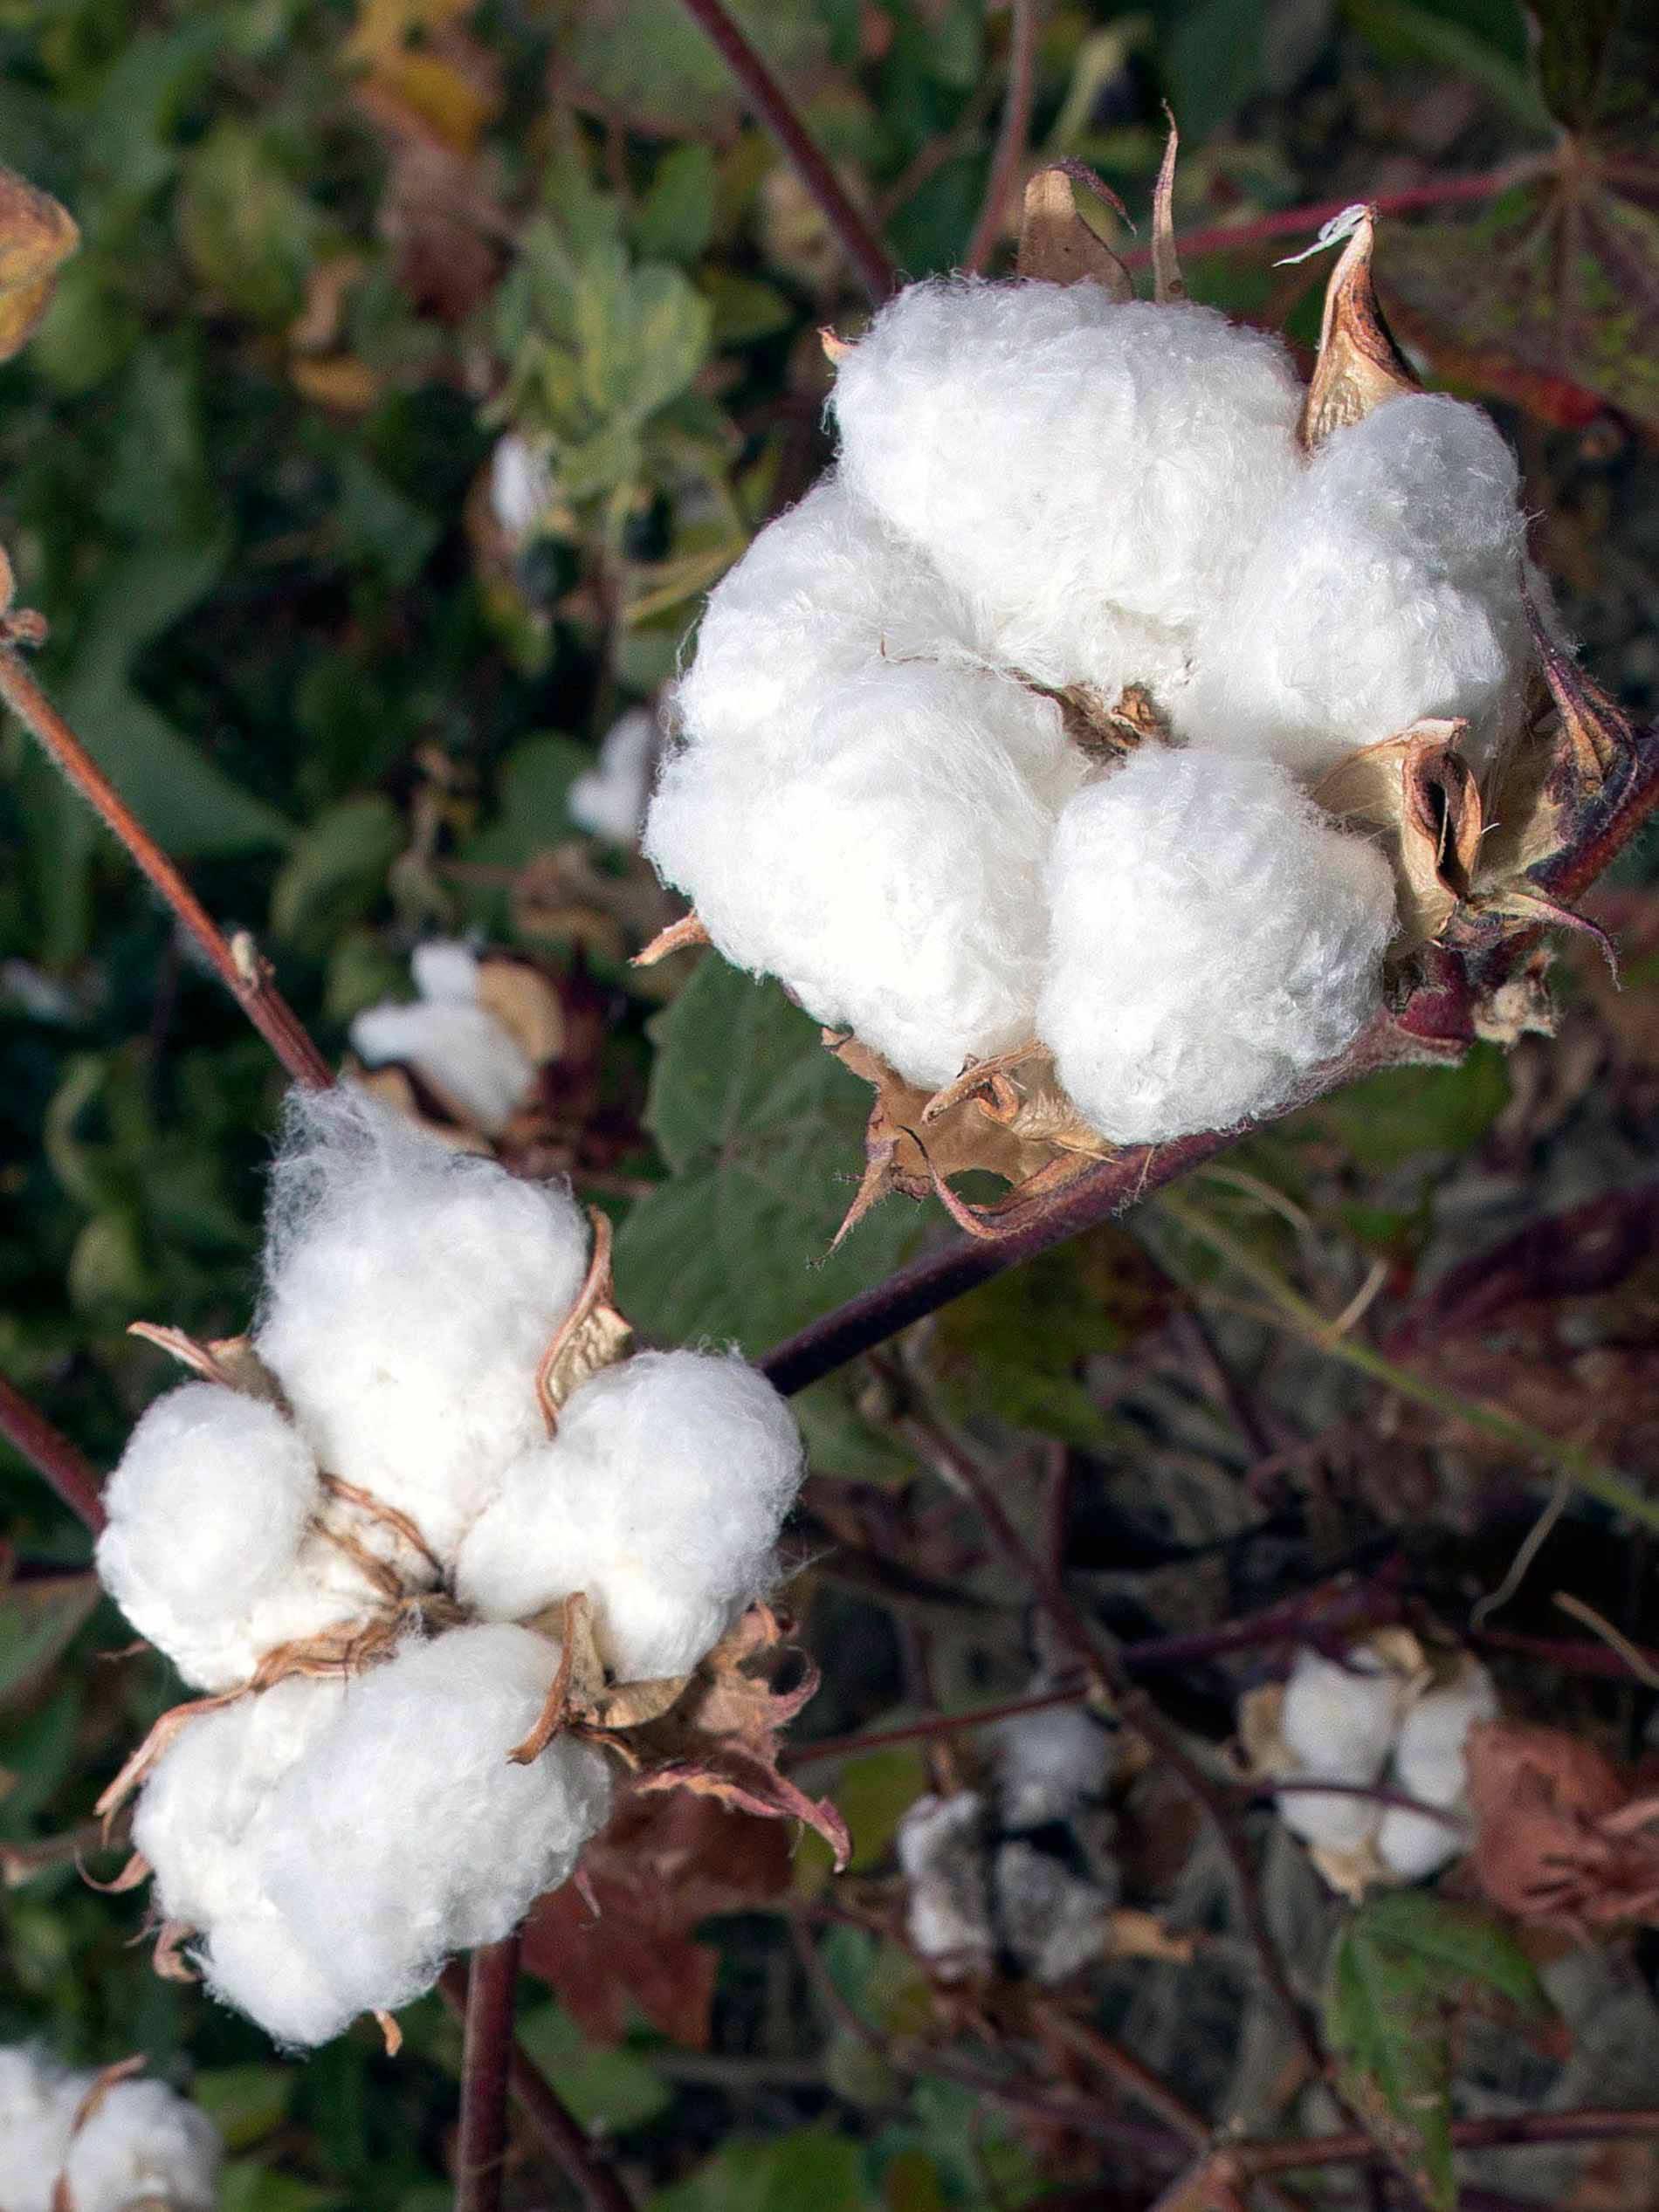 zwei geöffnete, reife Baumwollblüten an der Baumwollpflanze | mey®